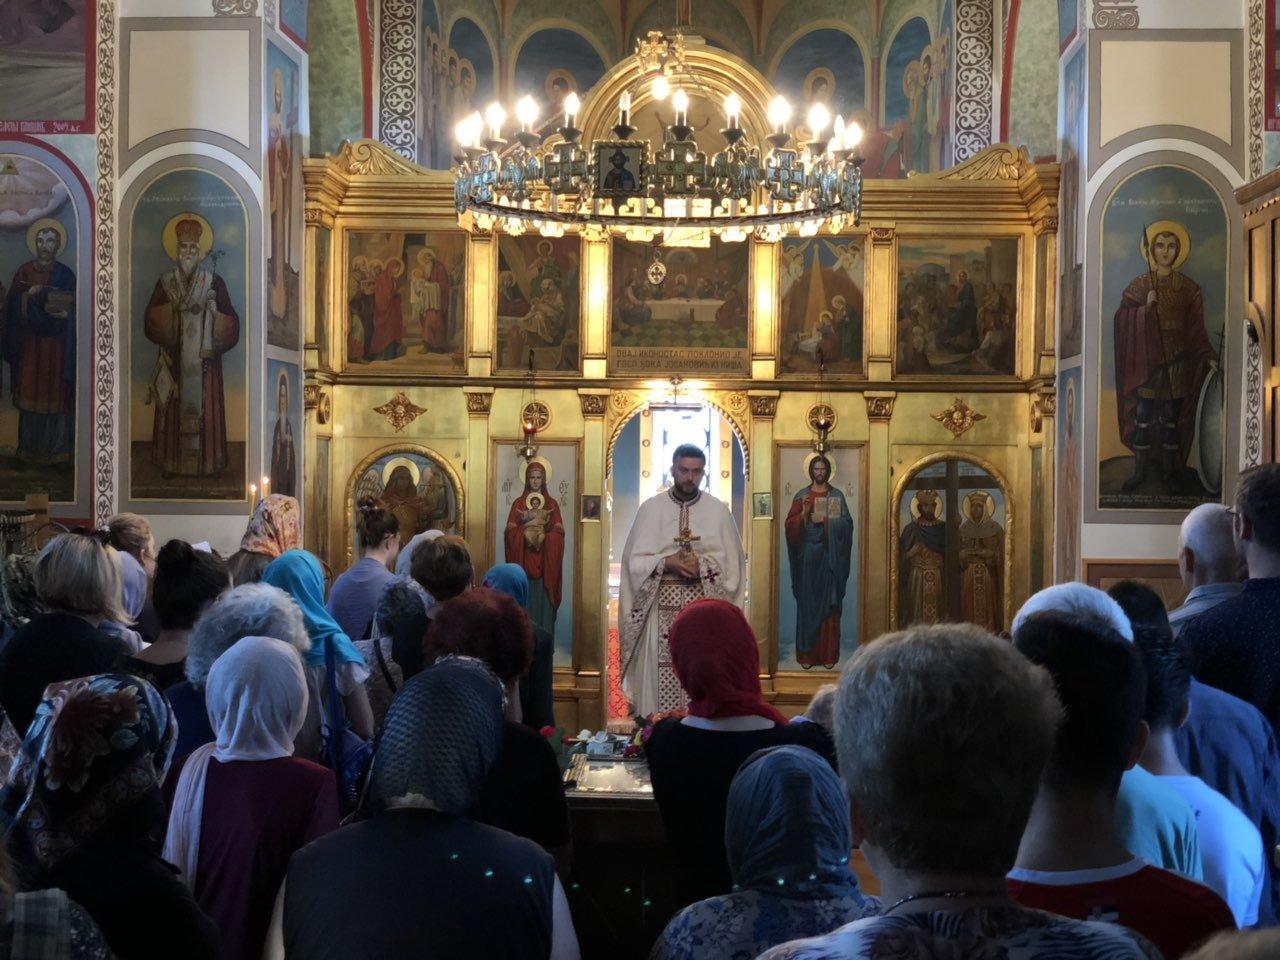 Crkva Svrljig, Velika Gospojina, foto: M.M.